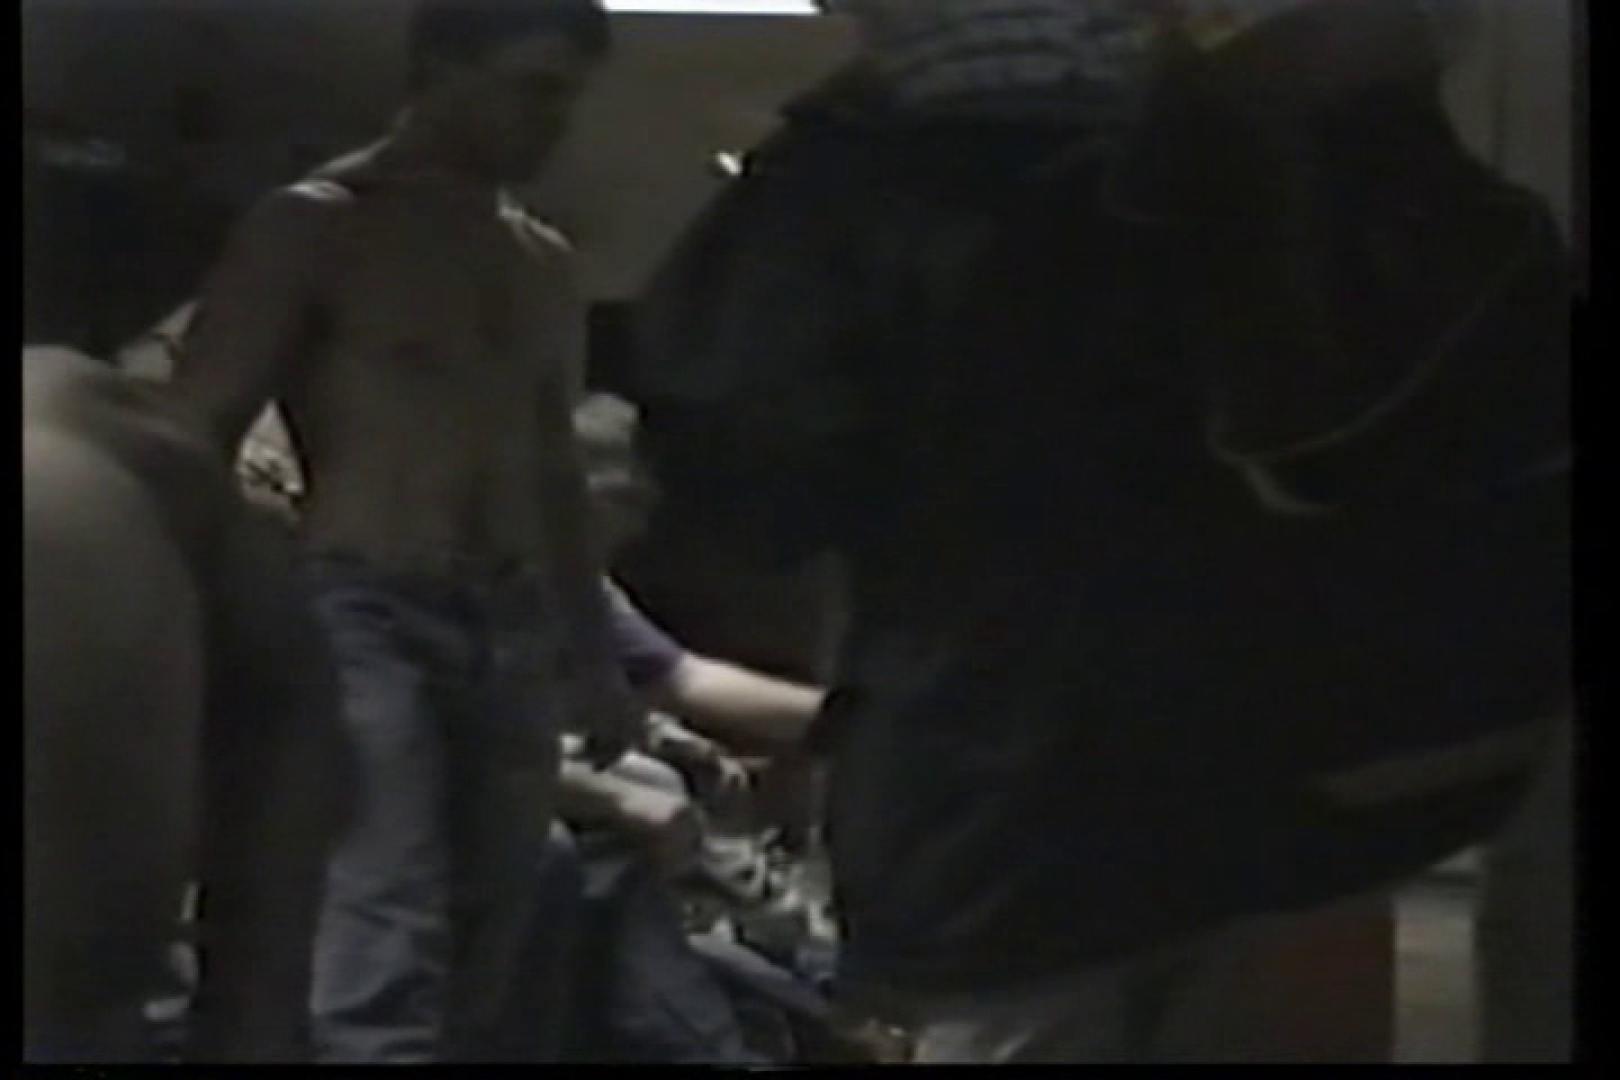 洋人さんの脱衣所を覗いてみました。VOL.3 0   のぞき特集  92枚 37